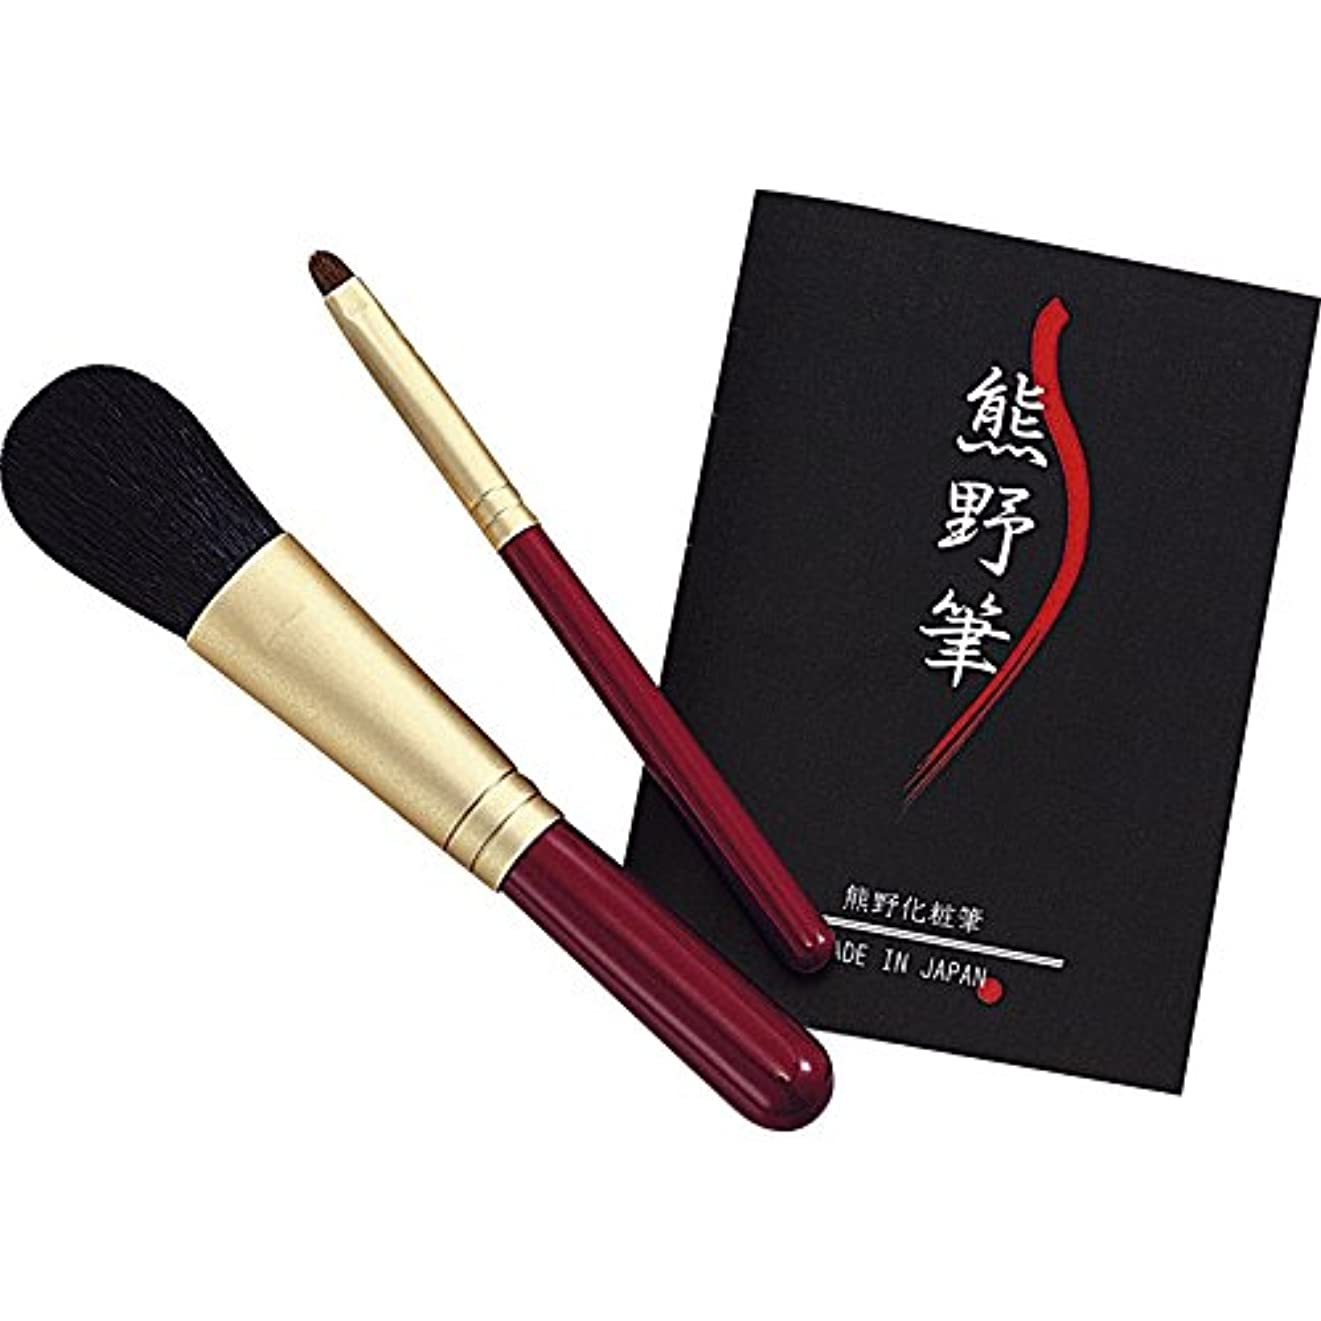 自動的にコマース納得させる熊野化粧筆セット 筆の心 KFi-50R 【熊野筆 美容 メイク メイクブラシ 化粧筆 セット アイシャドウ チーク リップ】